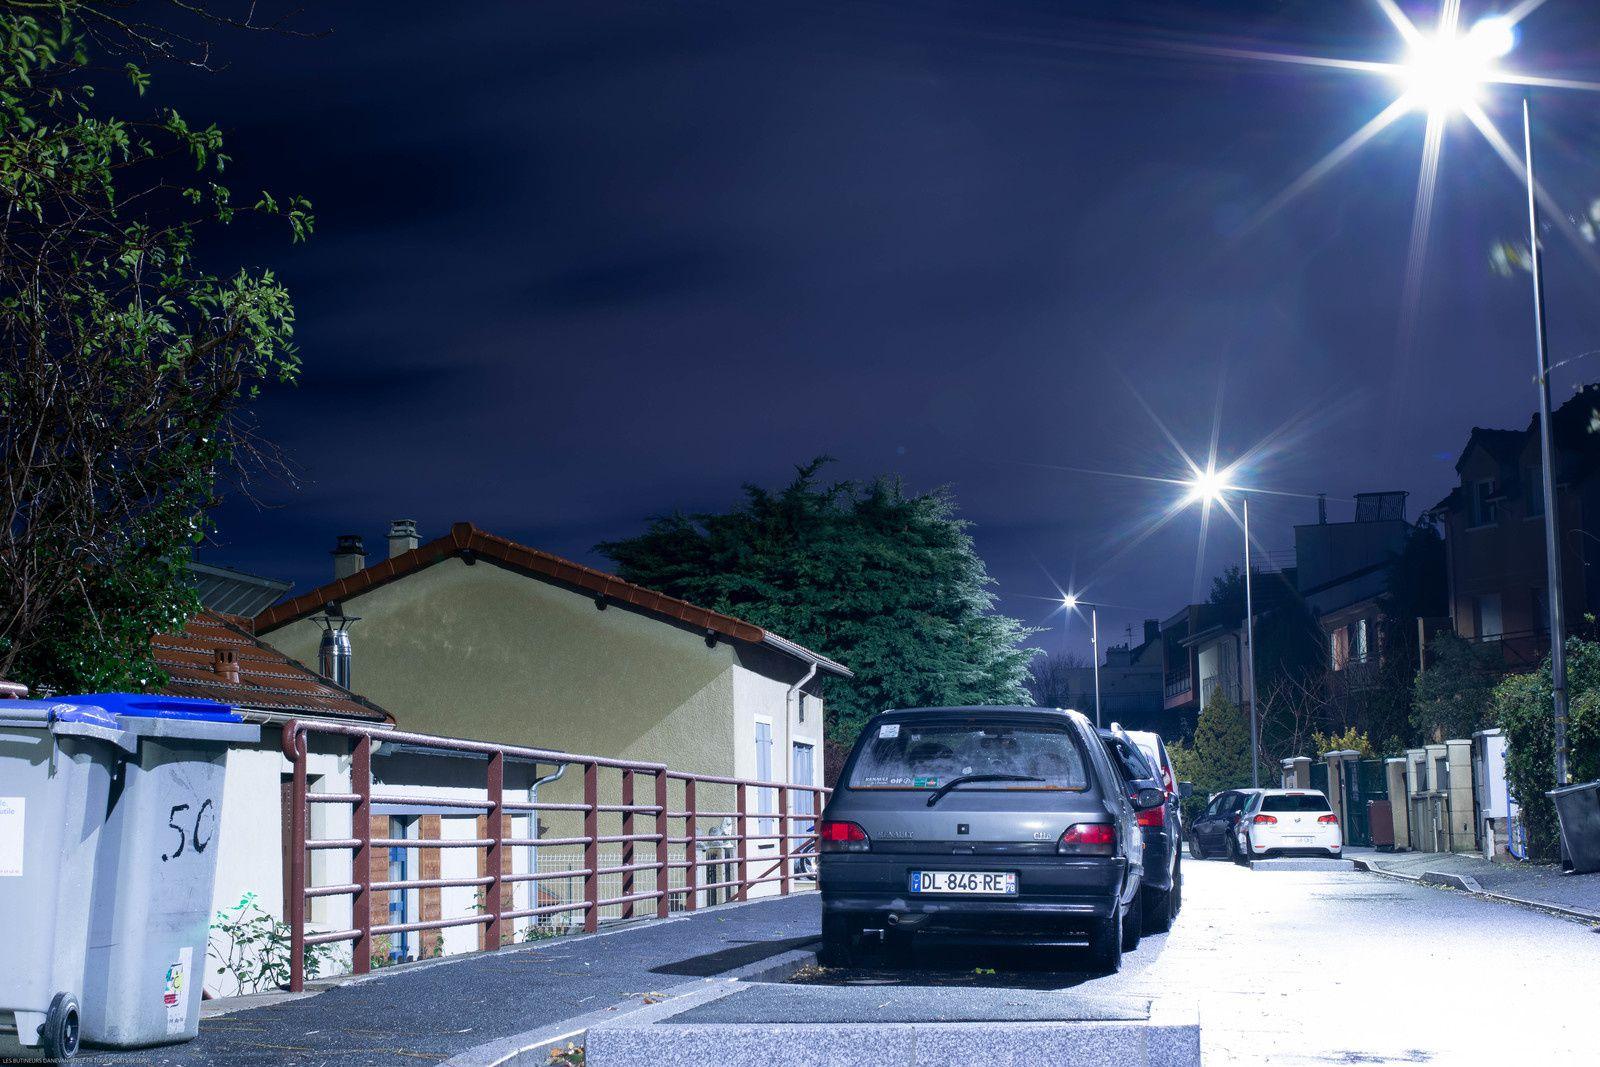 Mais comment faire pour sensibiliser sur l'éclairage qui pollue ?